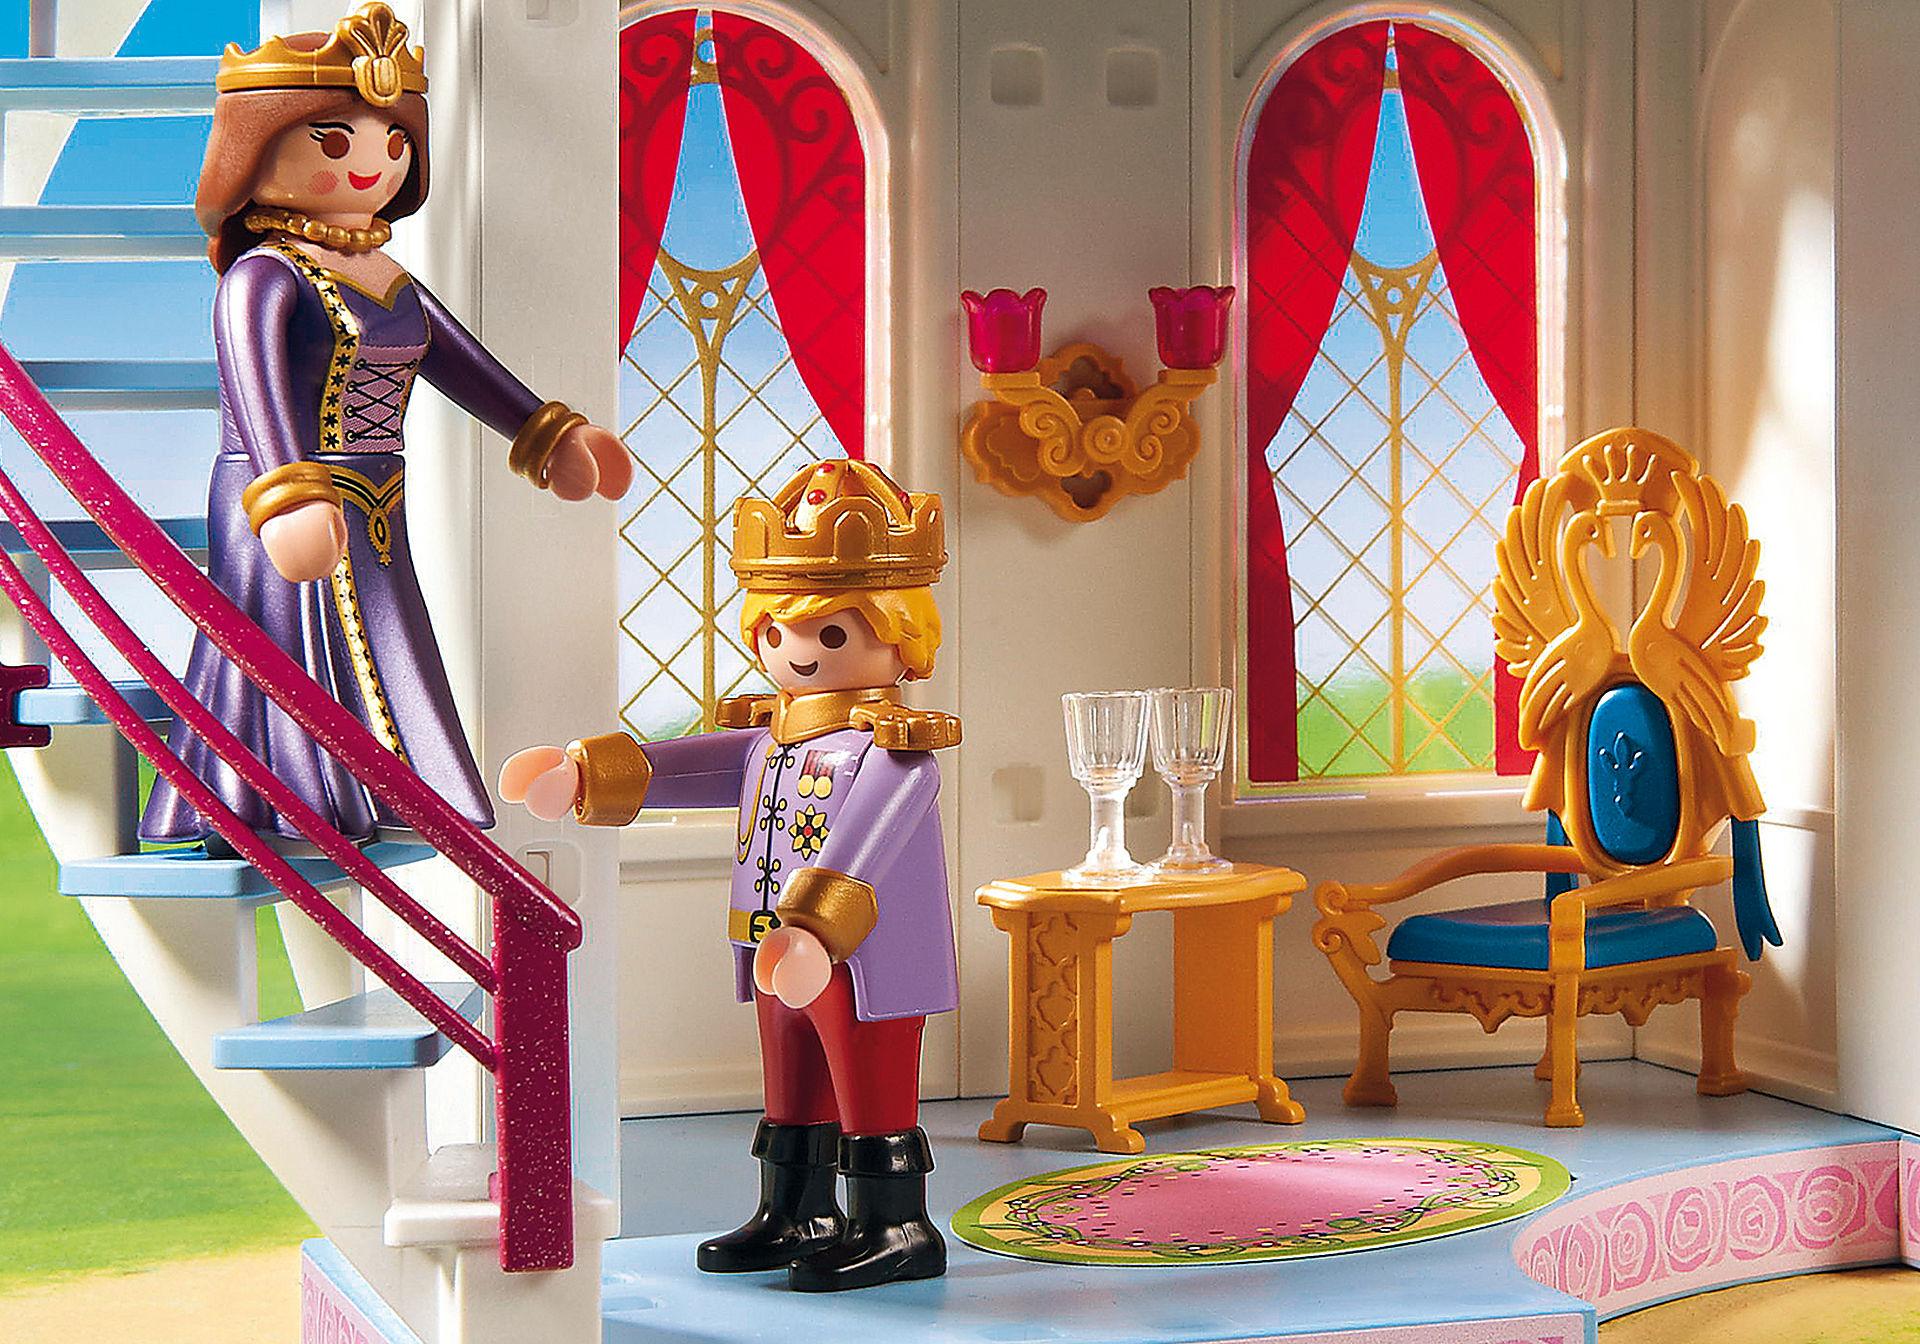 6849 Замок Принцессы: Королевская Резиденция zoom image5